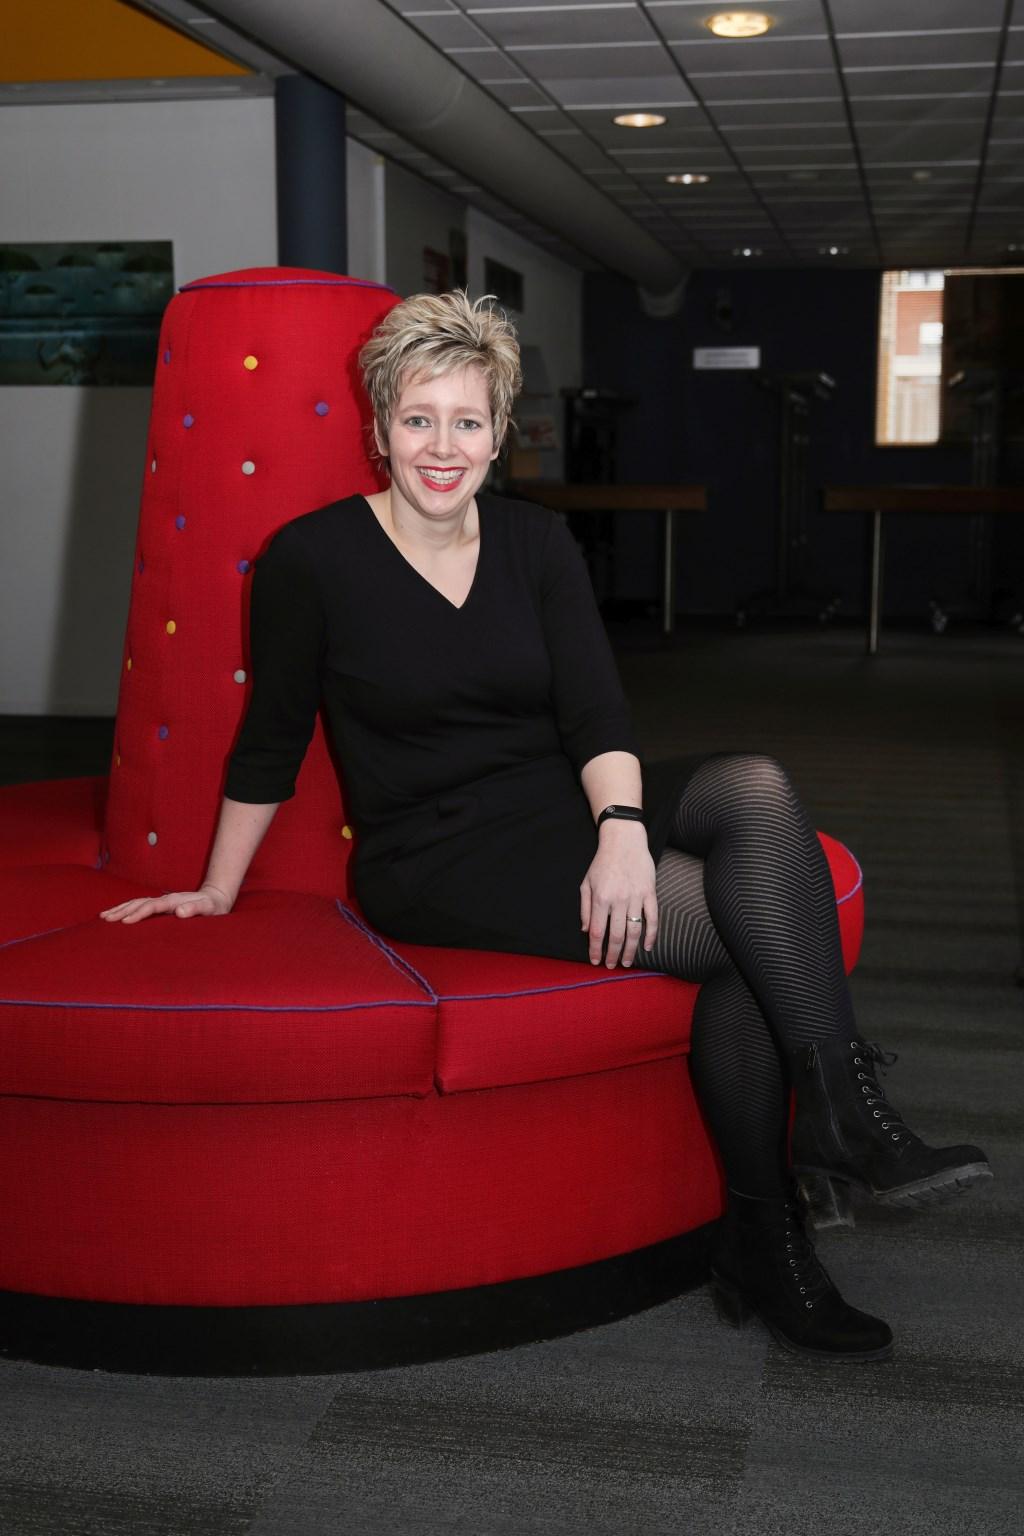 Mirella Jellema van stadstheater de Bond interviewt wekelijks een artiest voor dé Weekkrant Noordoost-Twente. Suus' FotoSjop © Persgroep